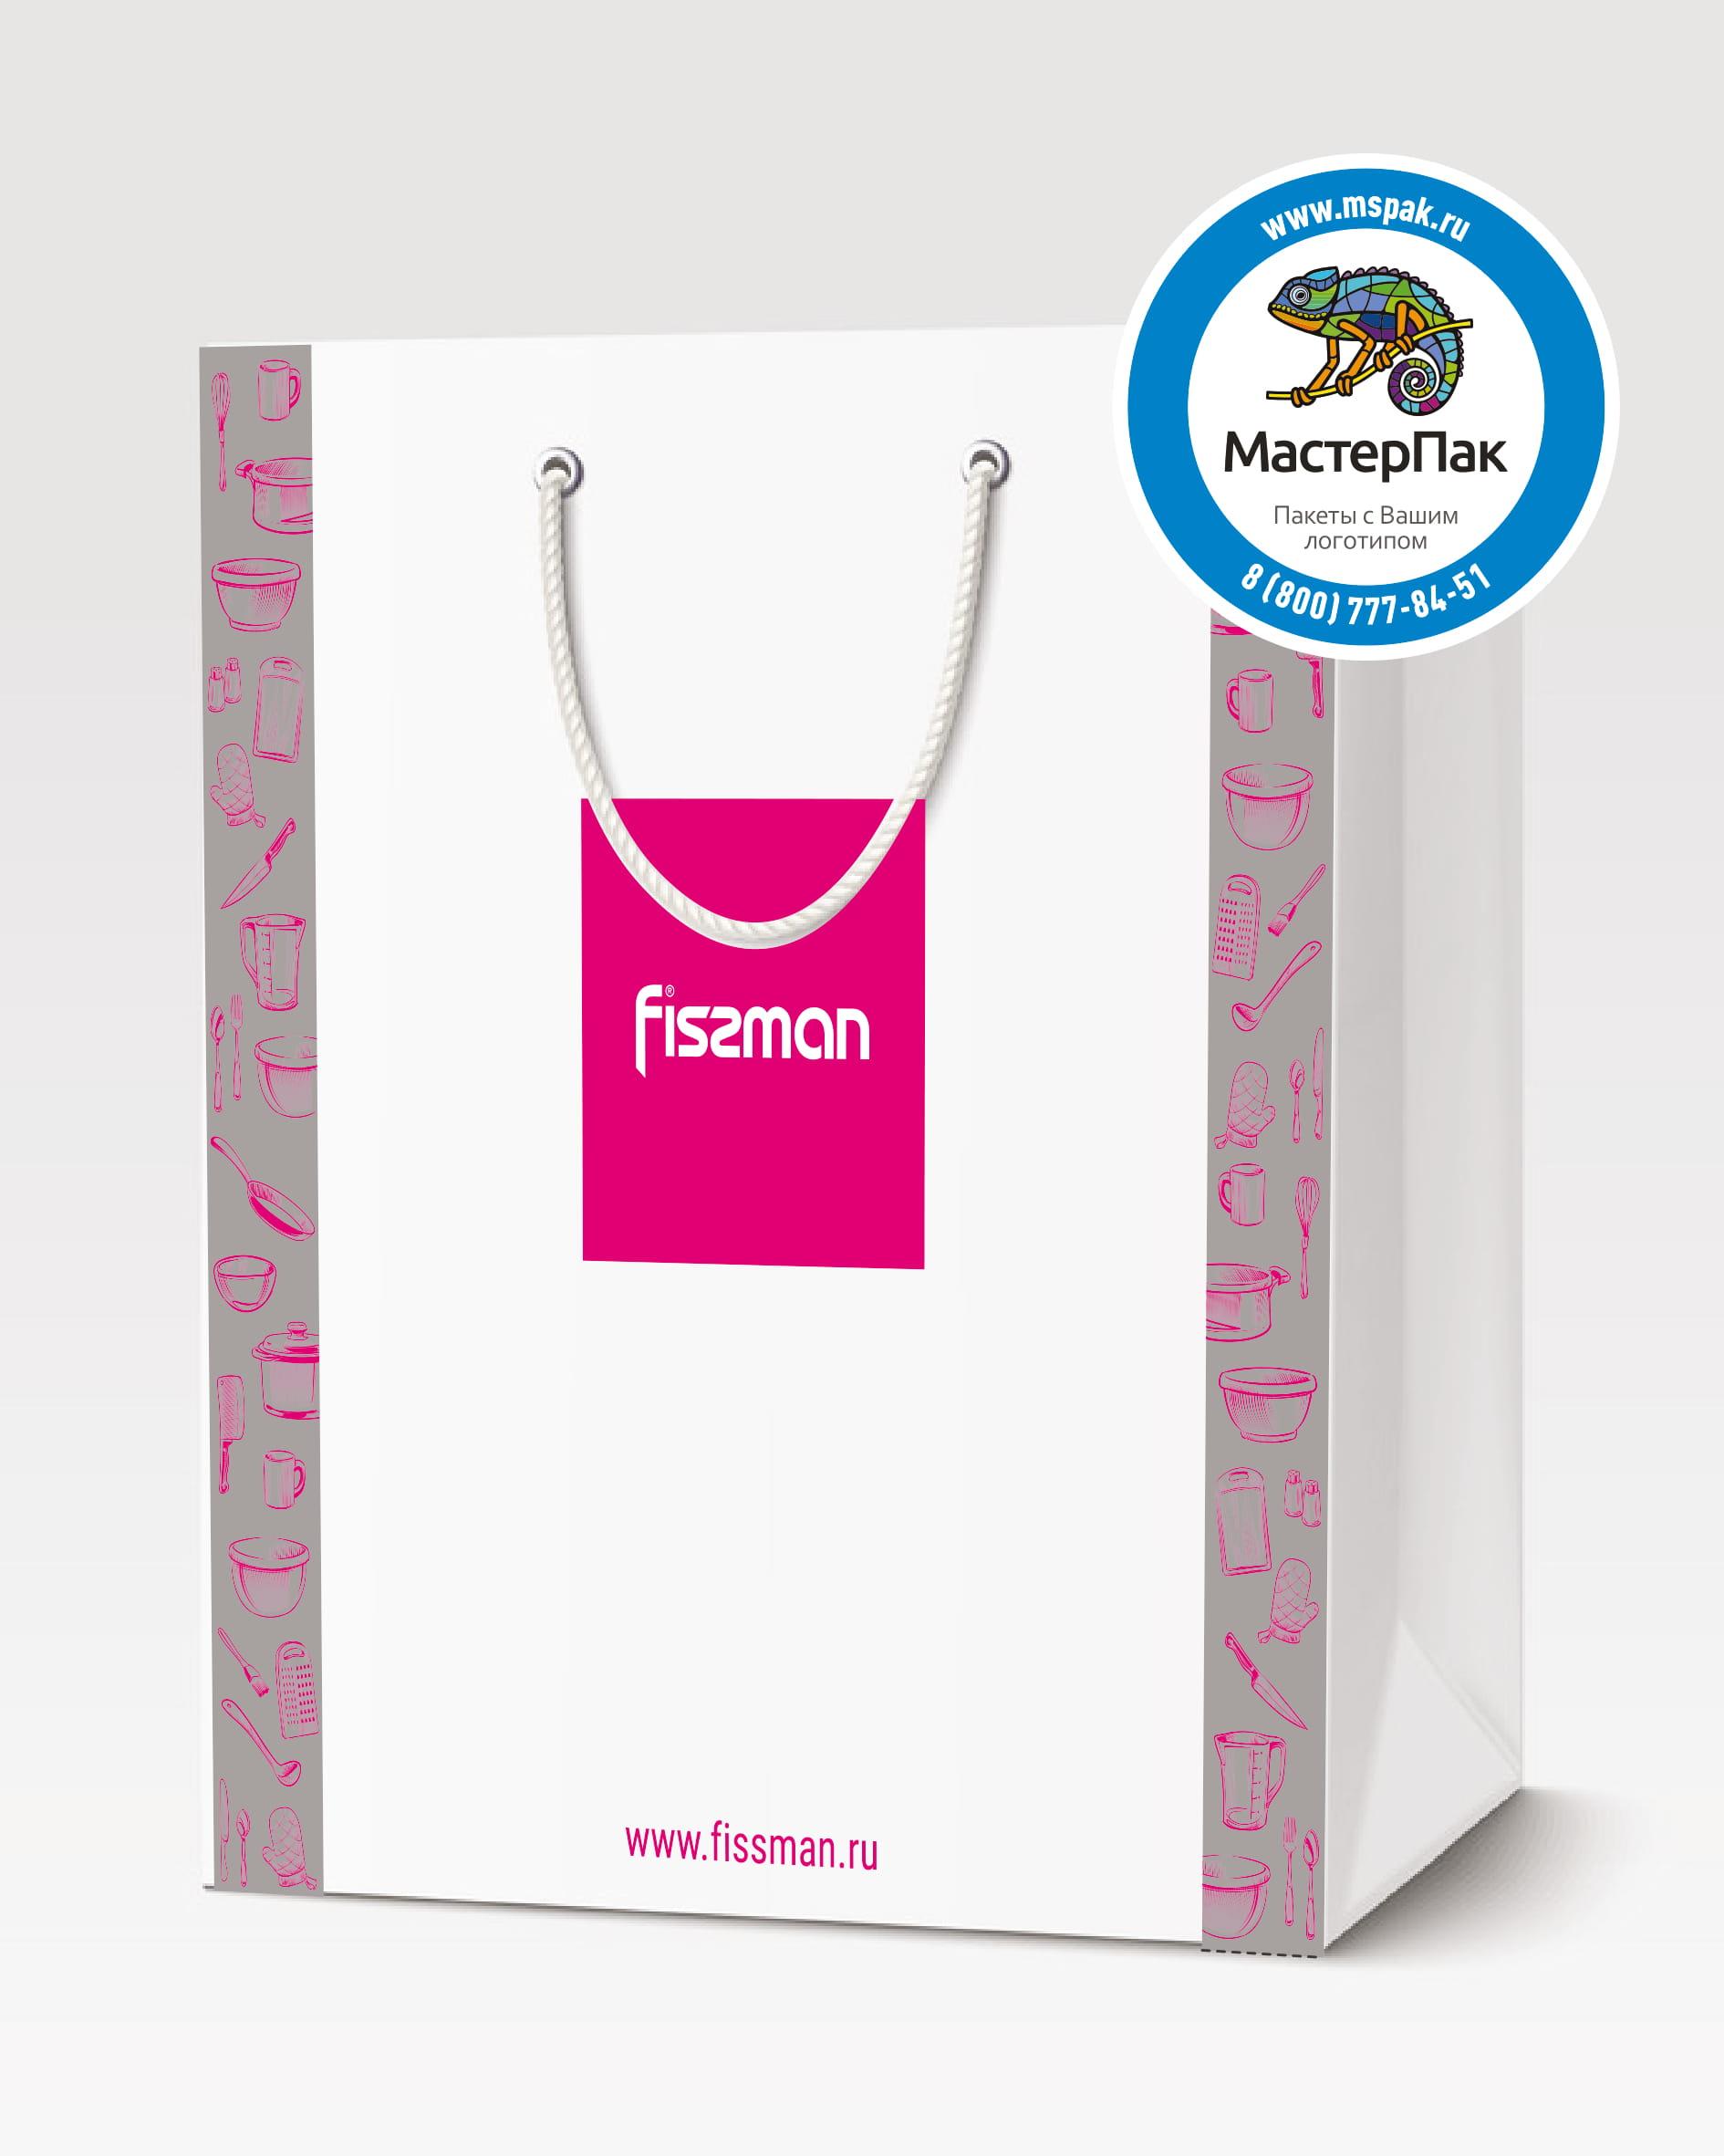 Пакет подарочный, бумажный с логотипом Fissman, Москва, 30*40, люверсы